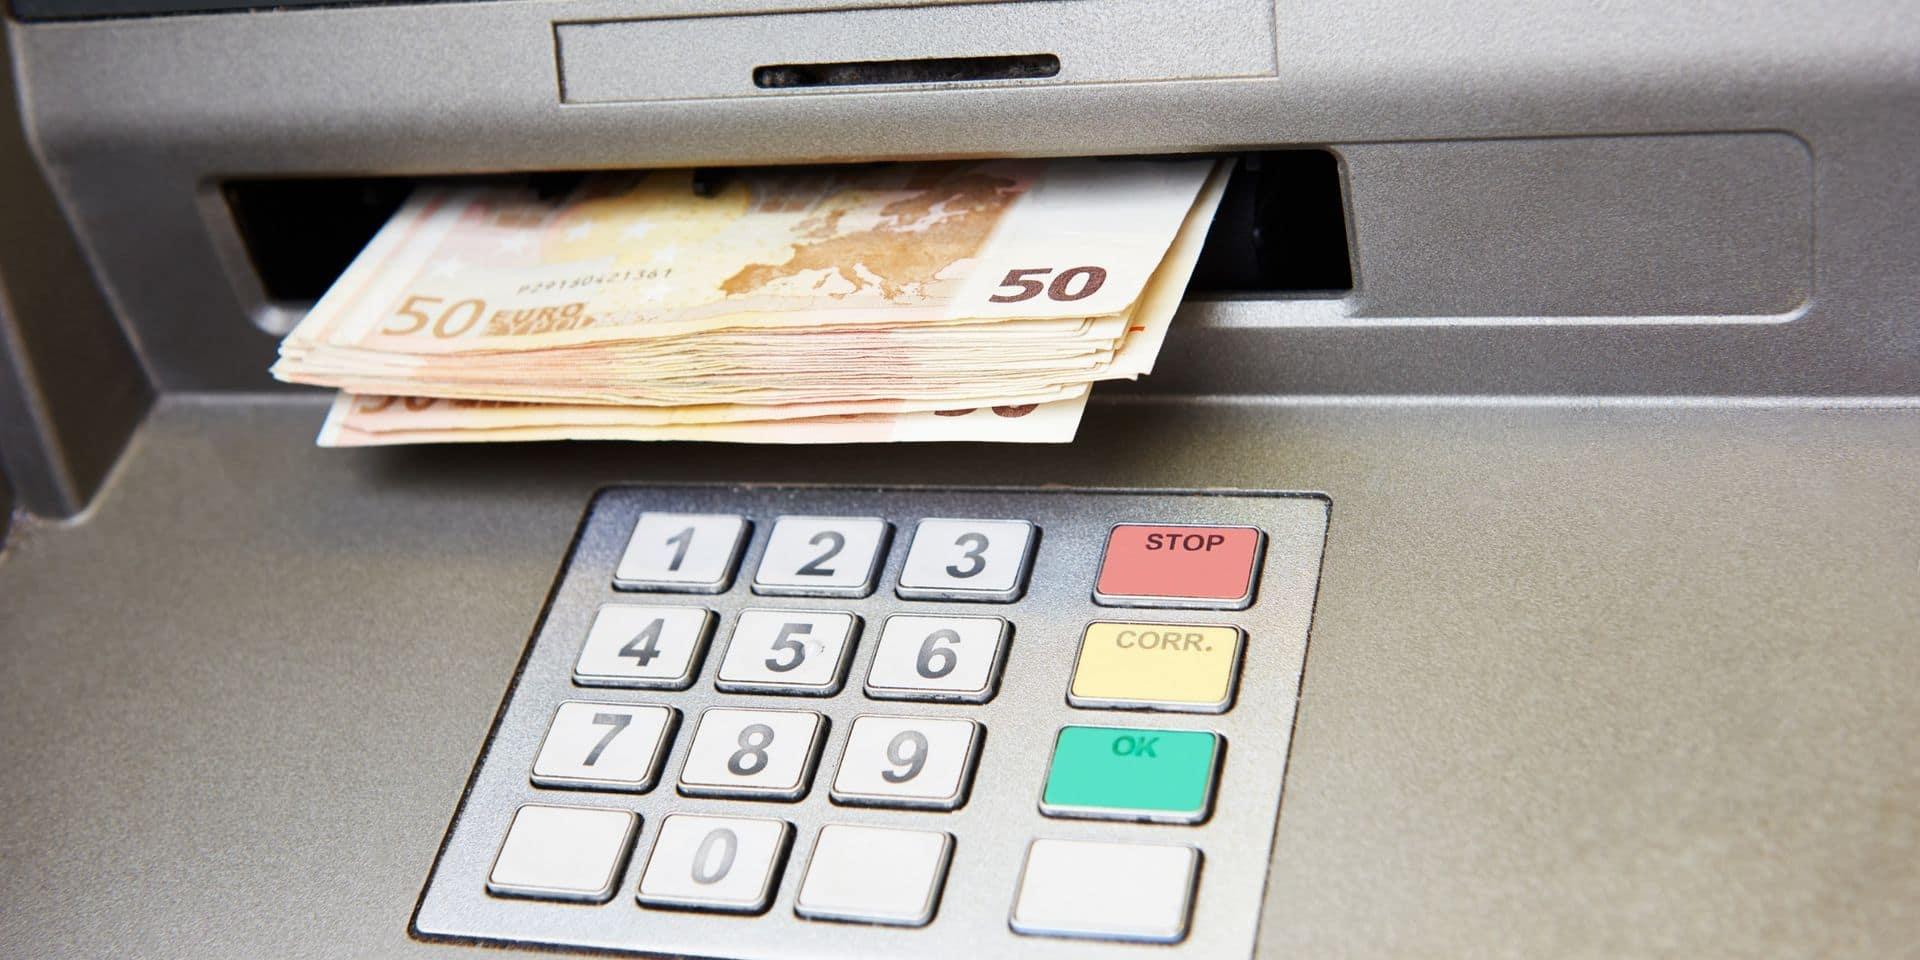 Les 4 grandes banques du pays s'unissent pour un réseau de distributeurs de billets commun